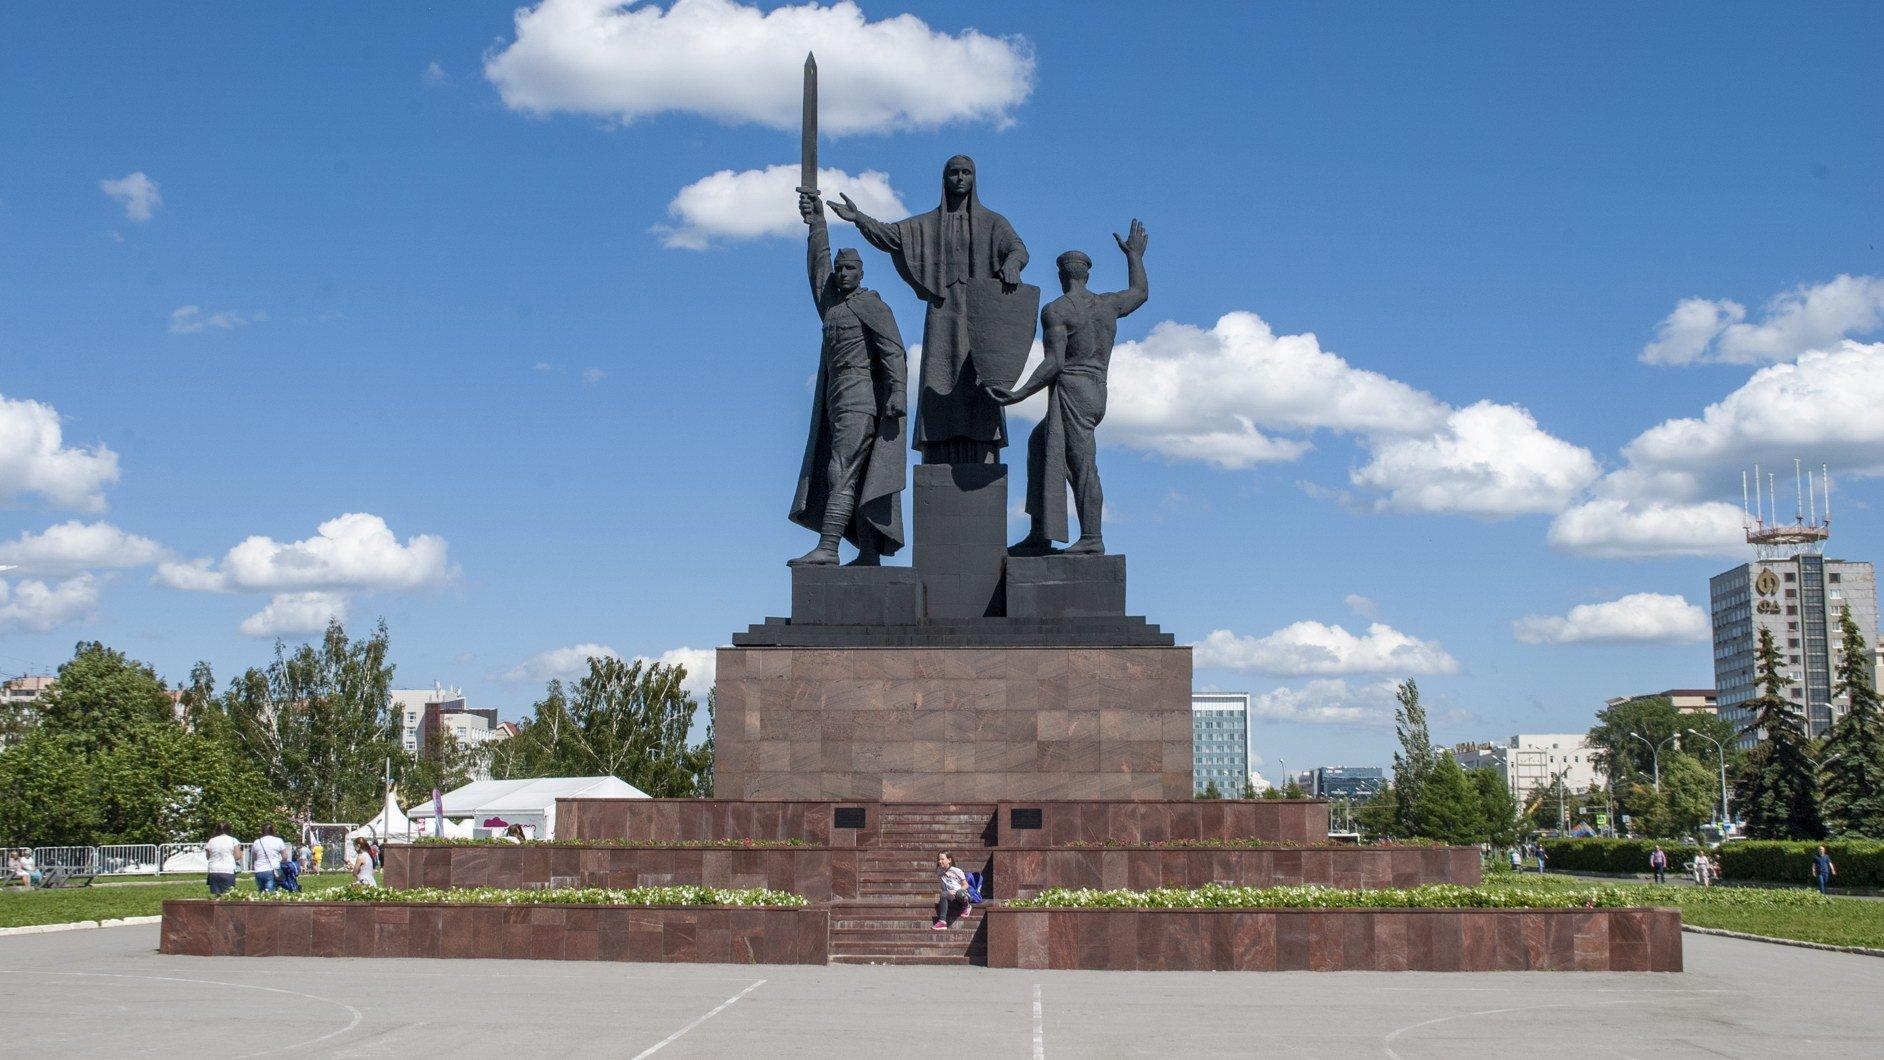 На майские праздники в Перми у памятников подвигу народа выставят ЧОП за 600 тысяч рублей